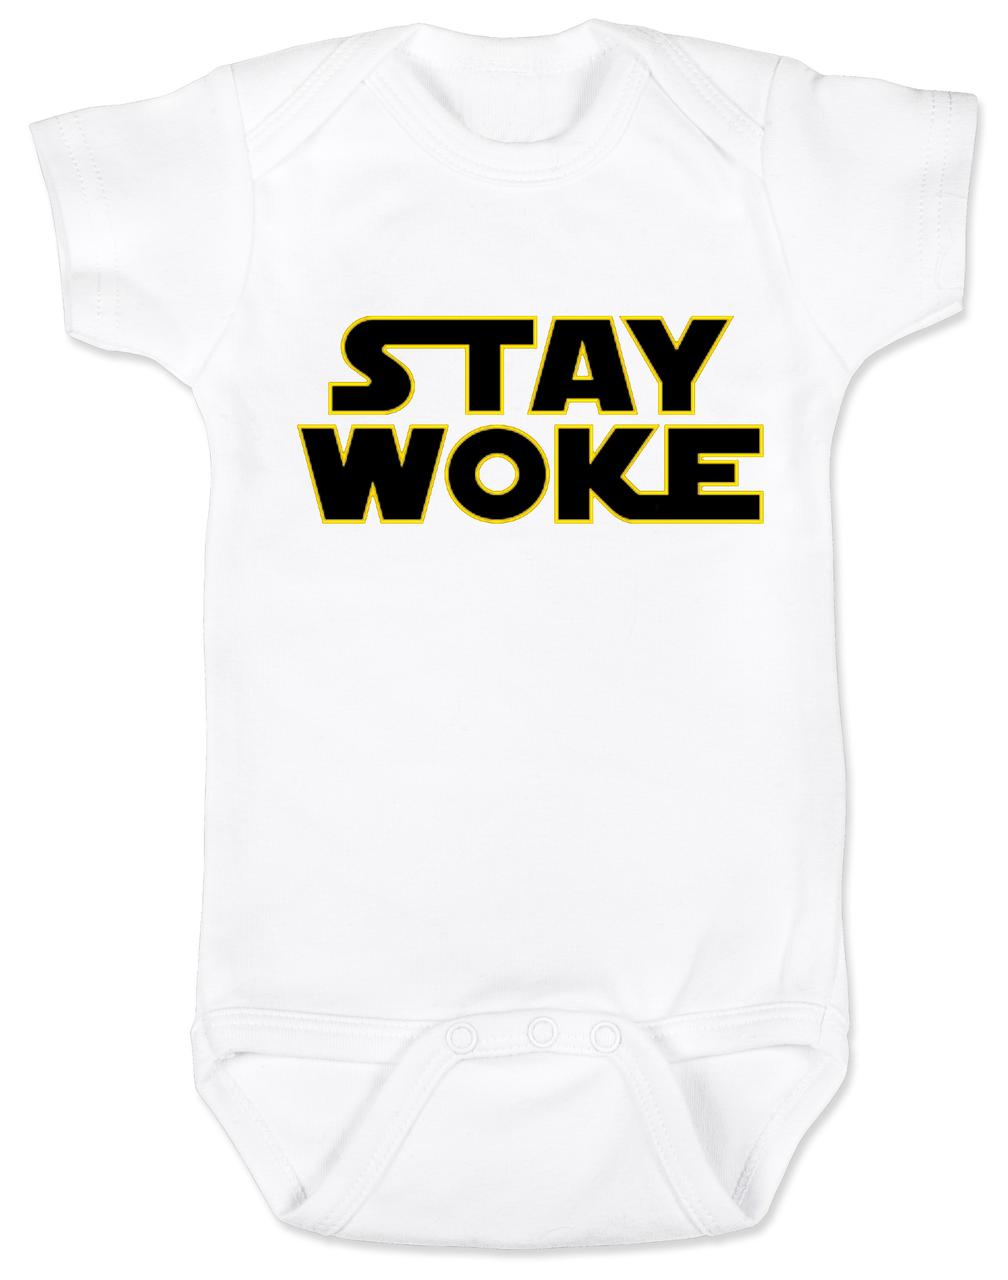 Stay Woke Baby Onesie